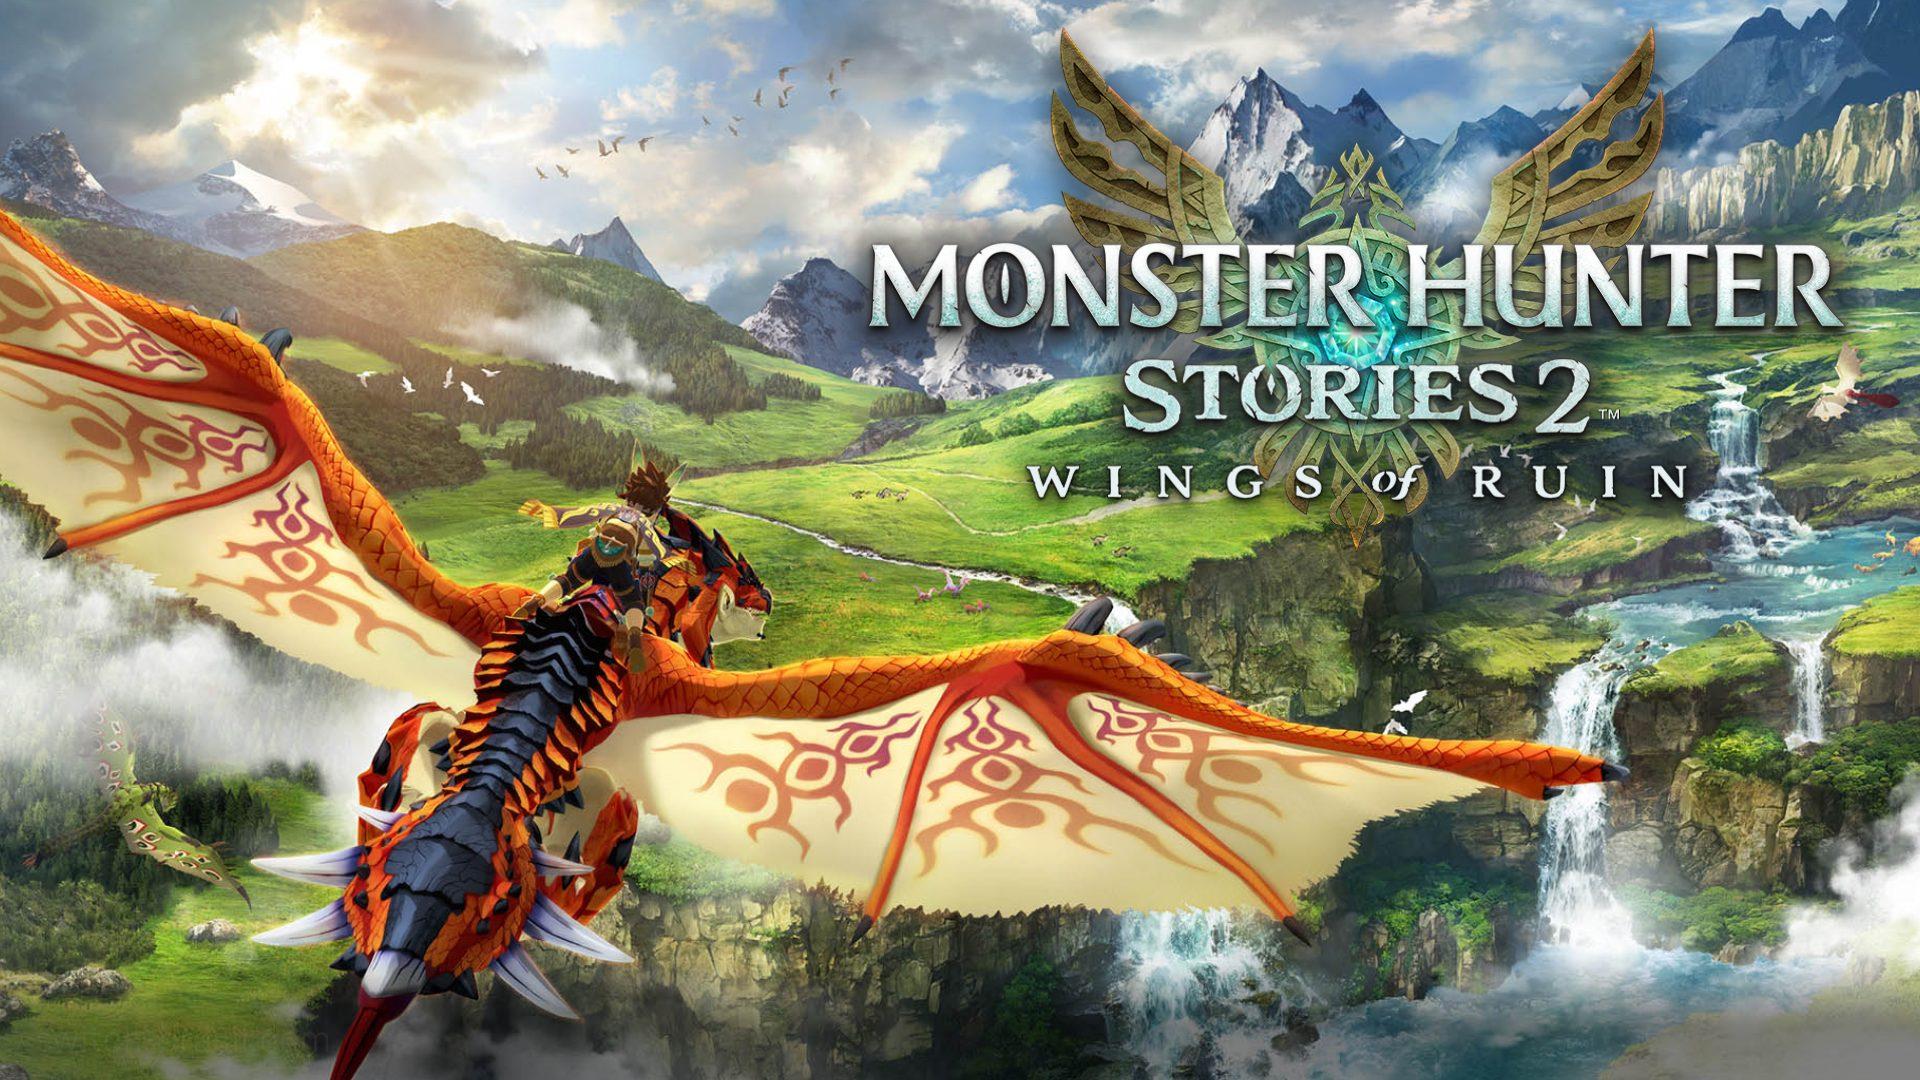 Review: monster hunter stories 2 - mais um excelente jrpg para o switch. Monster hunter stories 2 é com toda certeza um dos maiores acertos da capcom nos últimos anos.